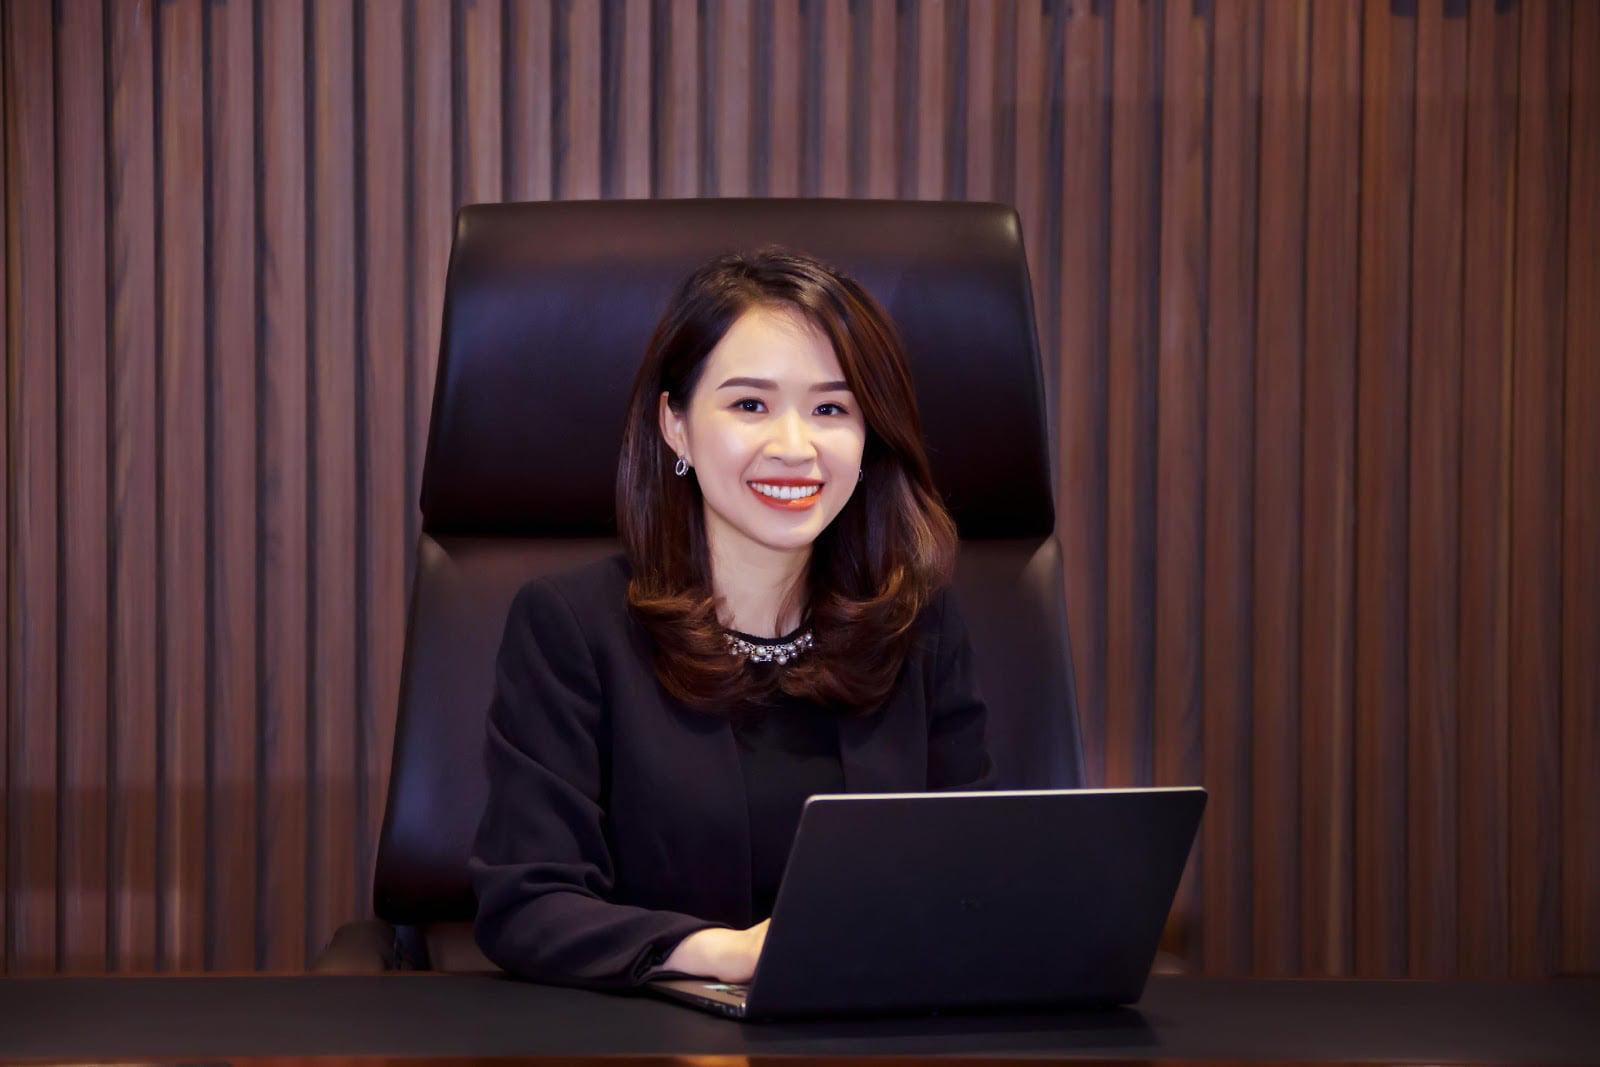 Chân dung nữ Chủ tịch trẻ tuổi nhất giới ngân hàng Trần Thị Thu Hằng - Ảnh 2.